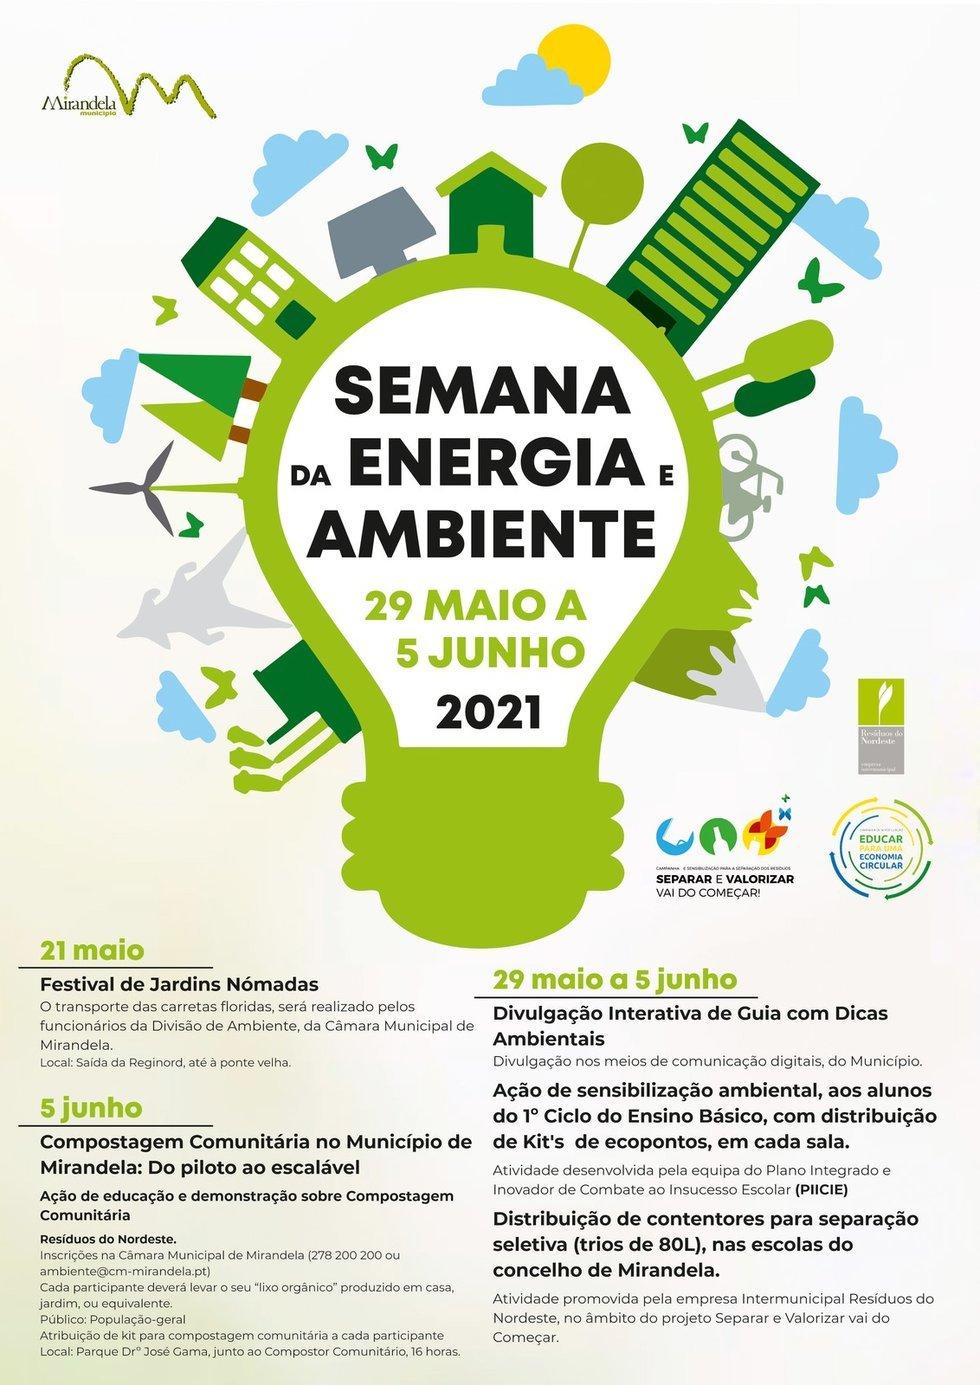 Semana da Energia e do Ambiente 2021